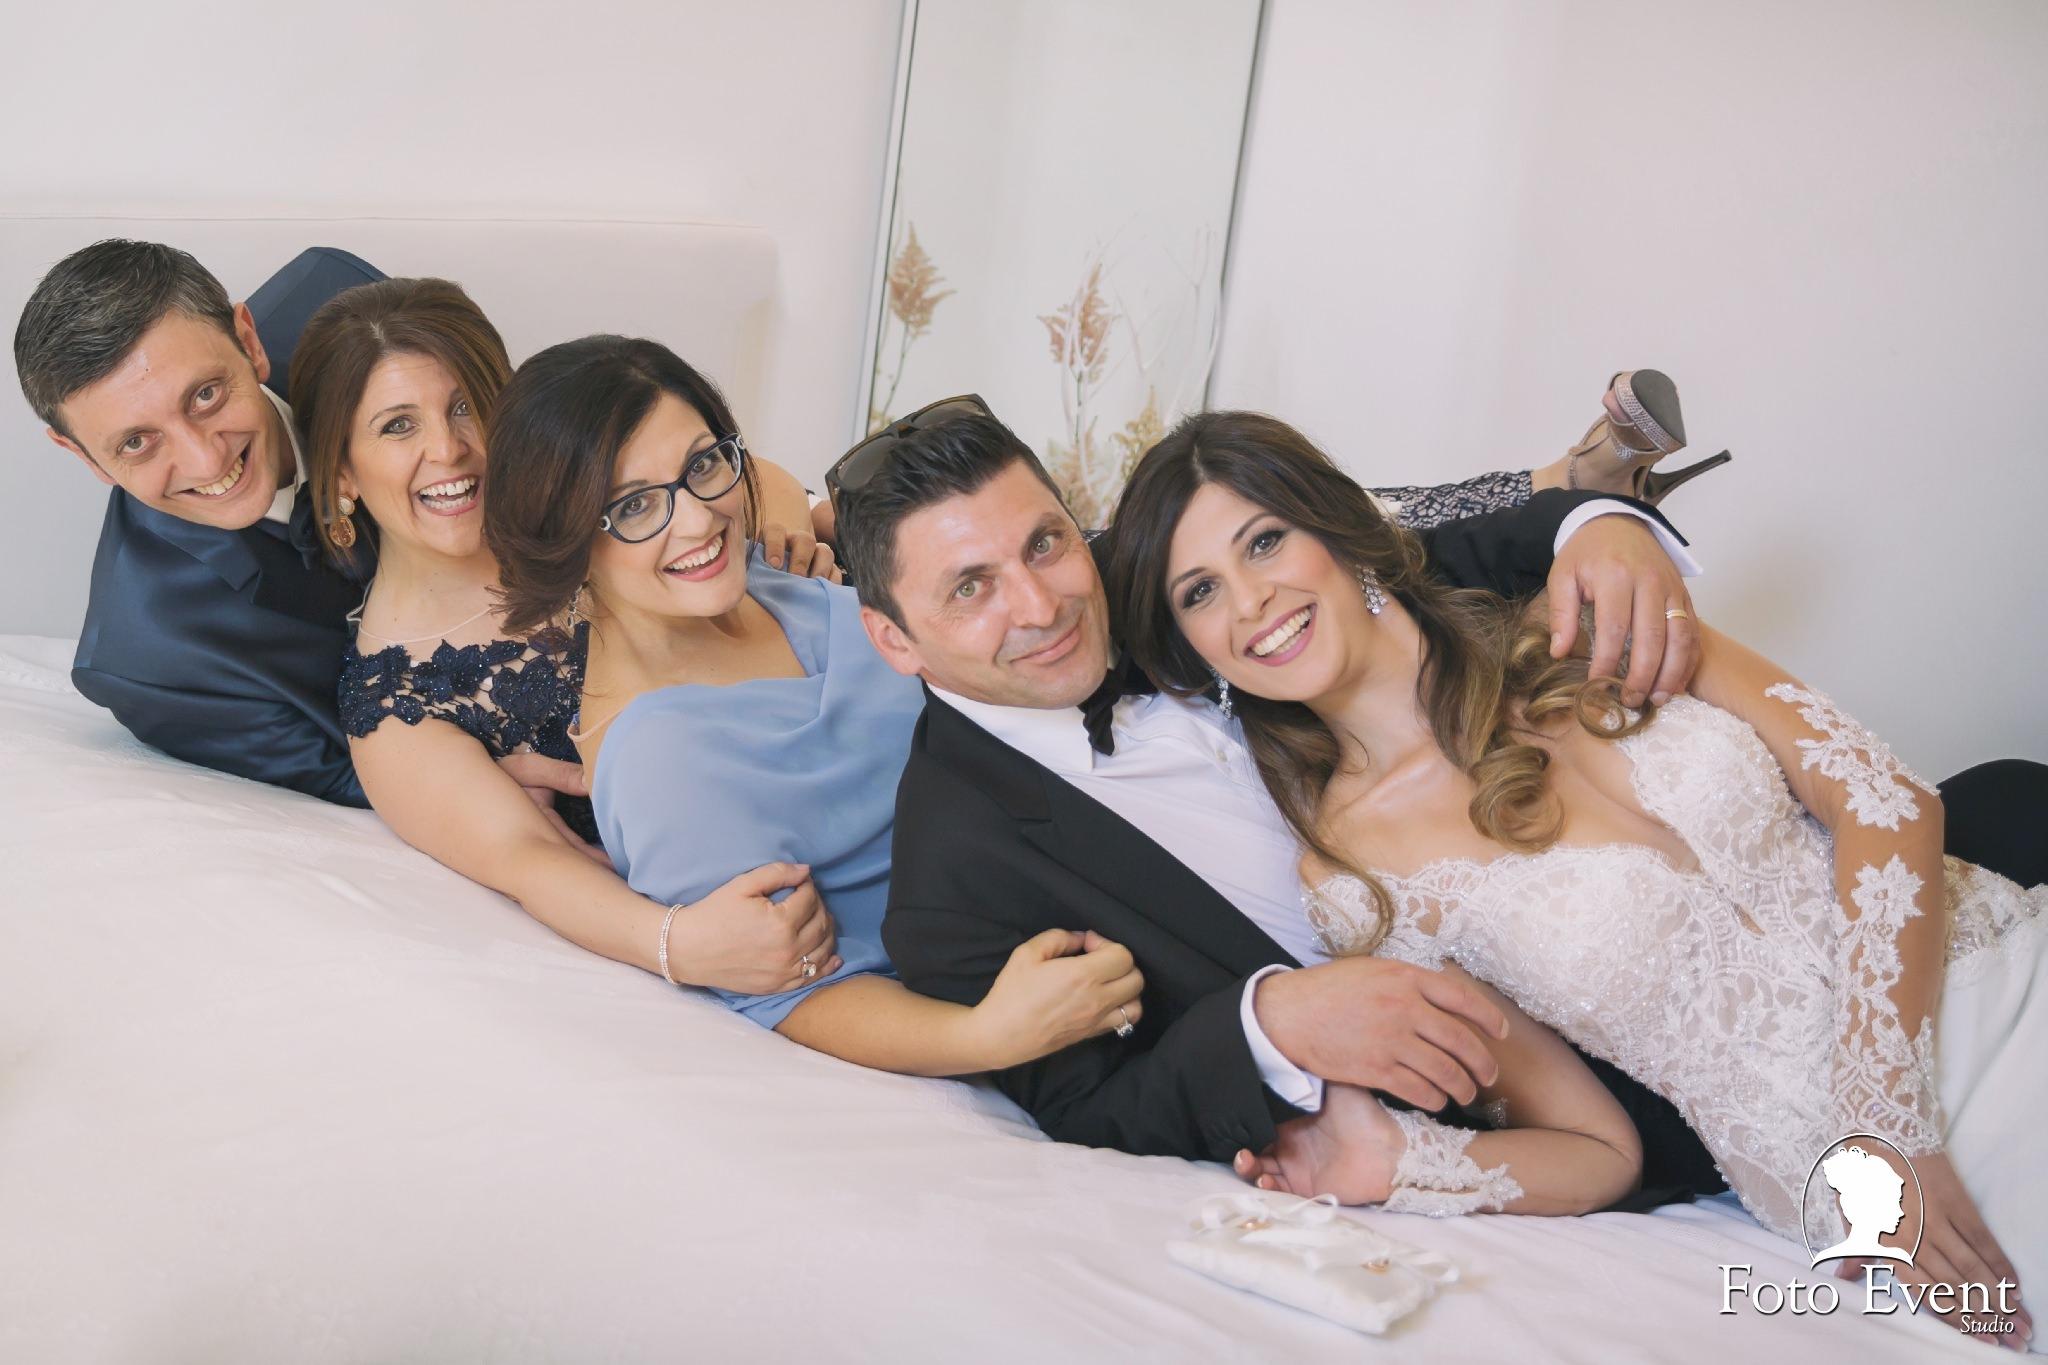 2017-07-21 Matrimonio Adriana e Giuseppe Dorsi 5DE 581 CD FOTO